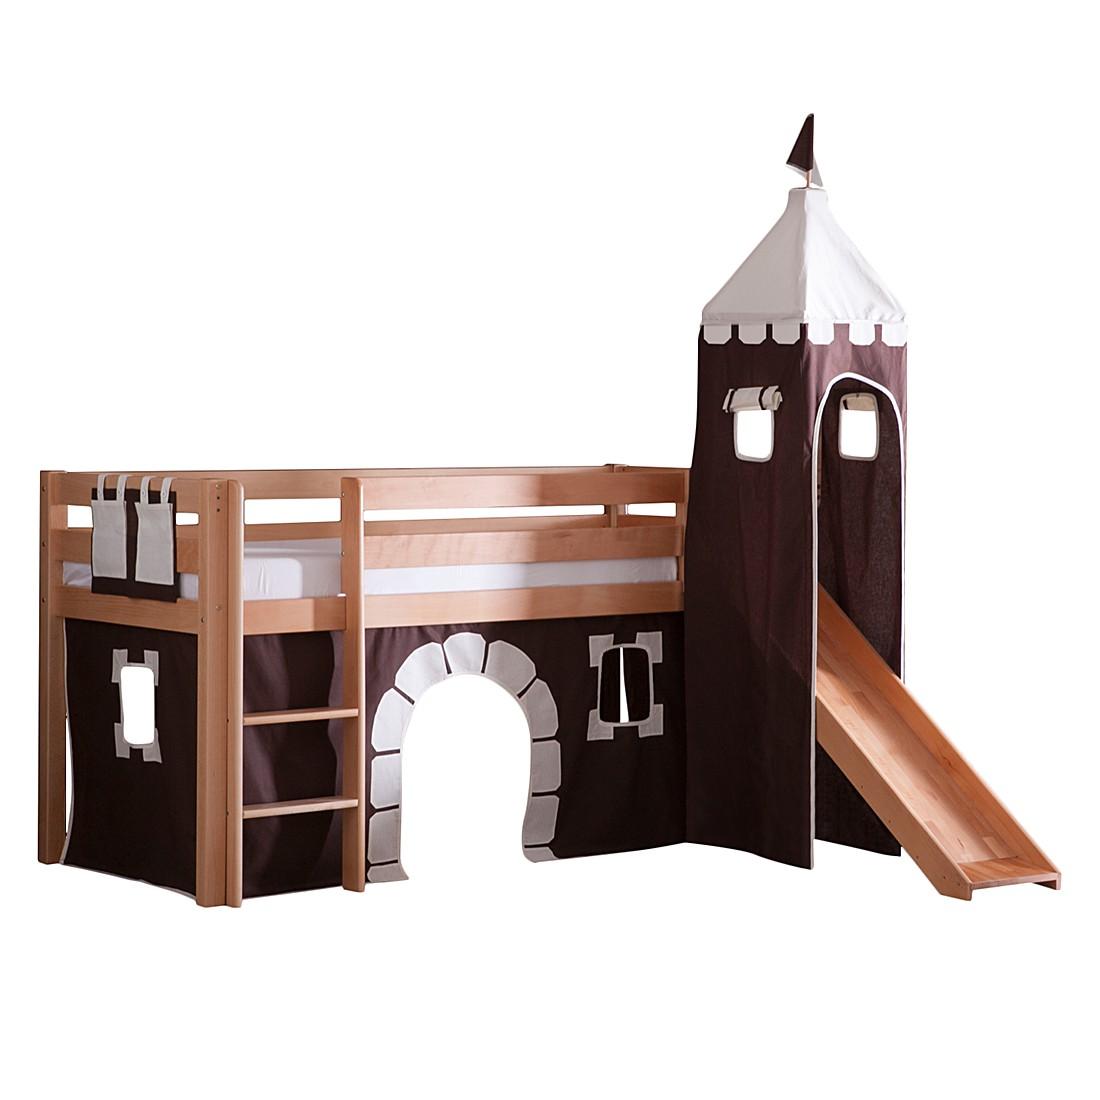 Spielbett Alex - mit Rutsche, Vorhang, Turm und Tasche - Buche Natur/Textil Burg, Relita